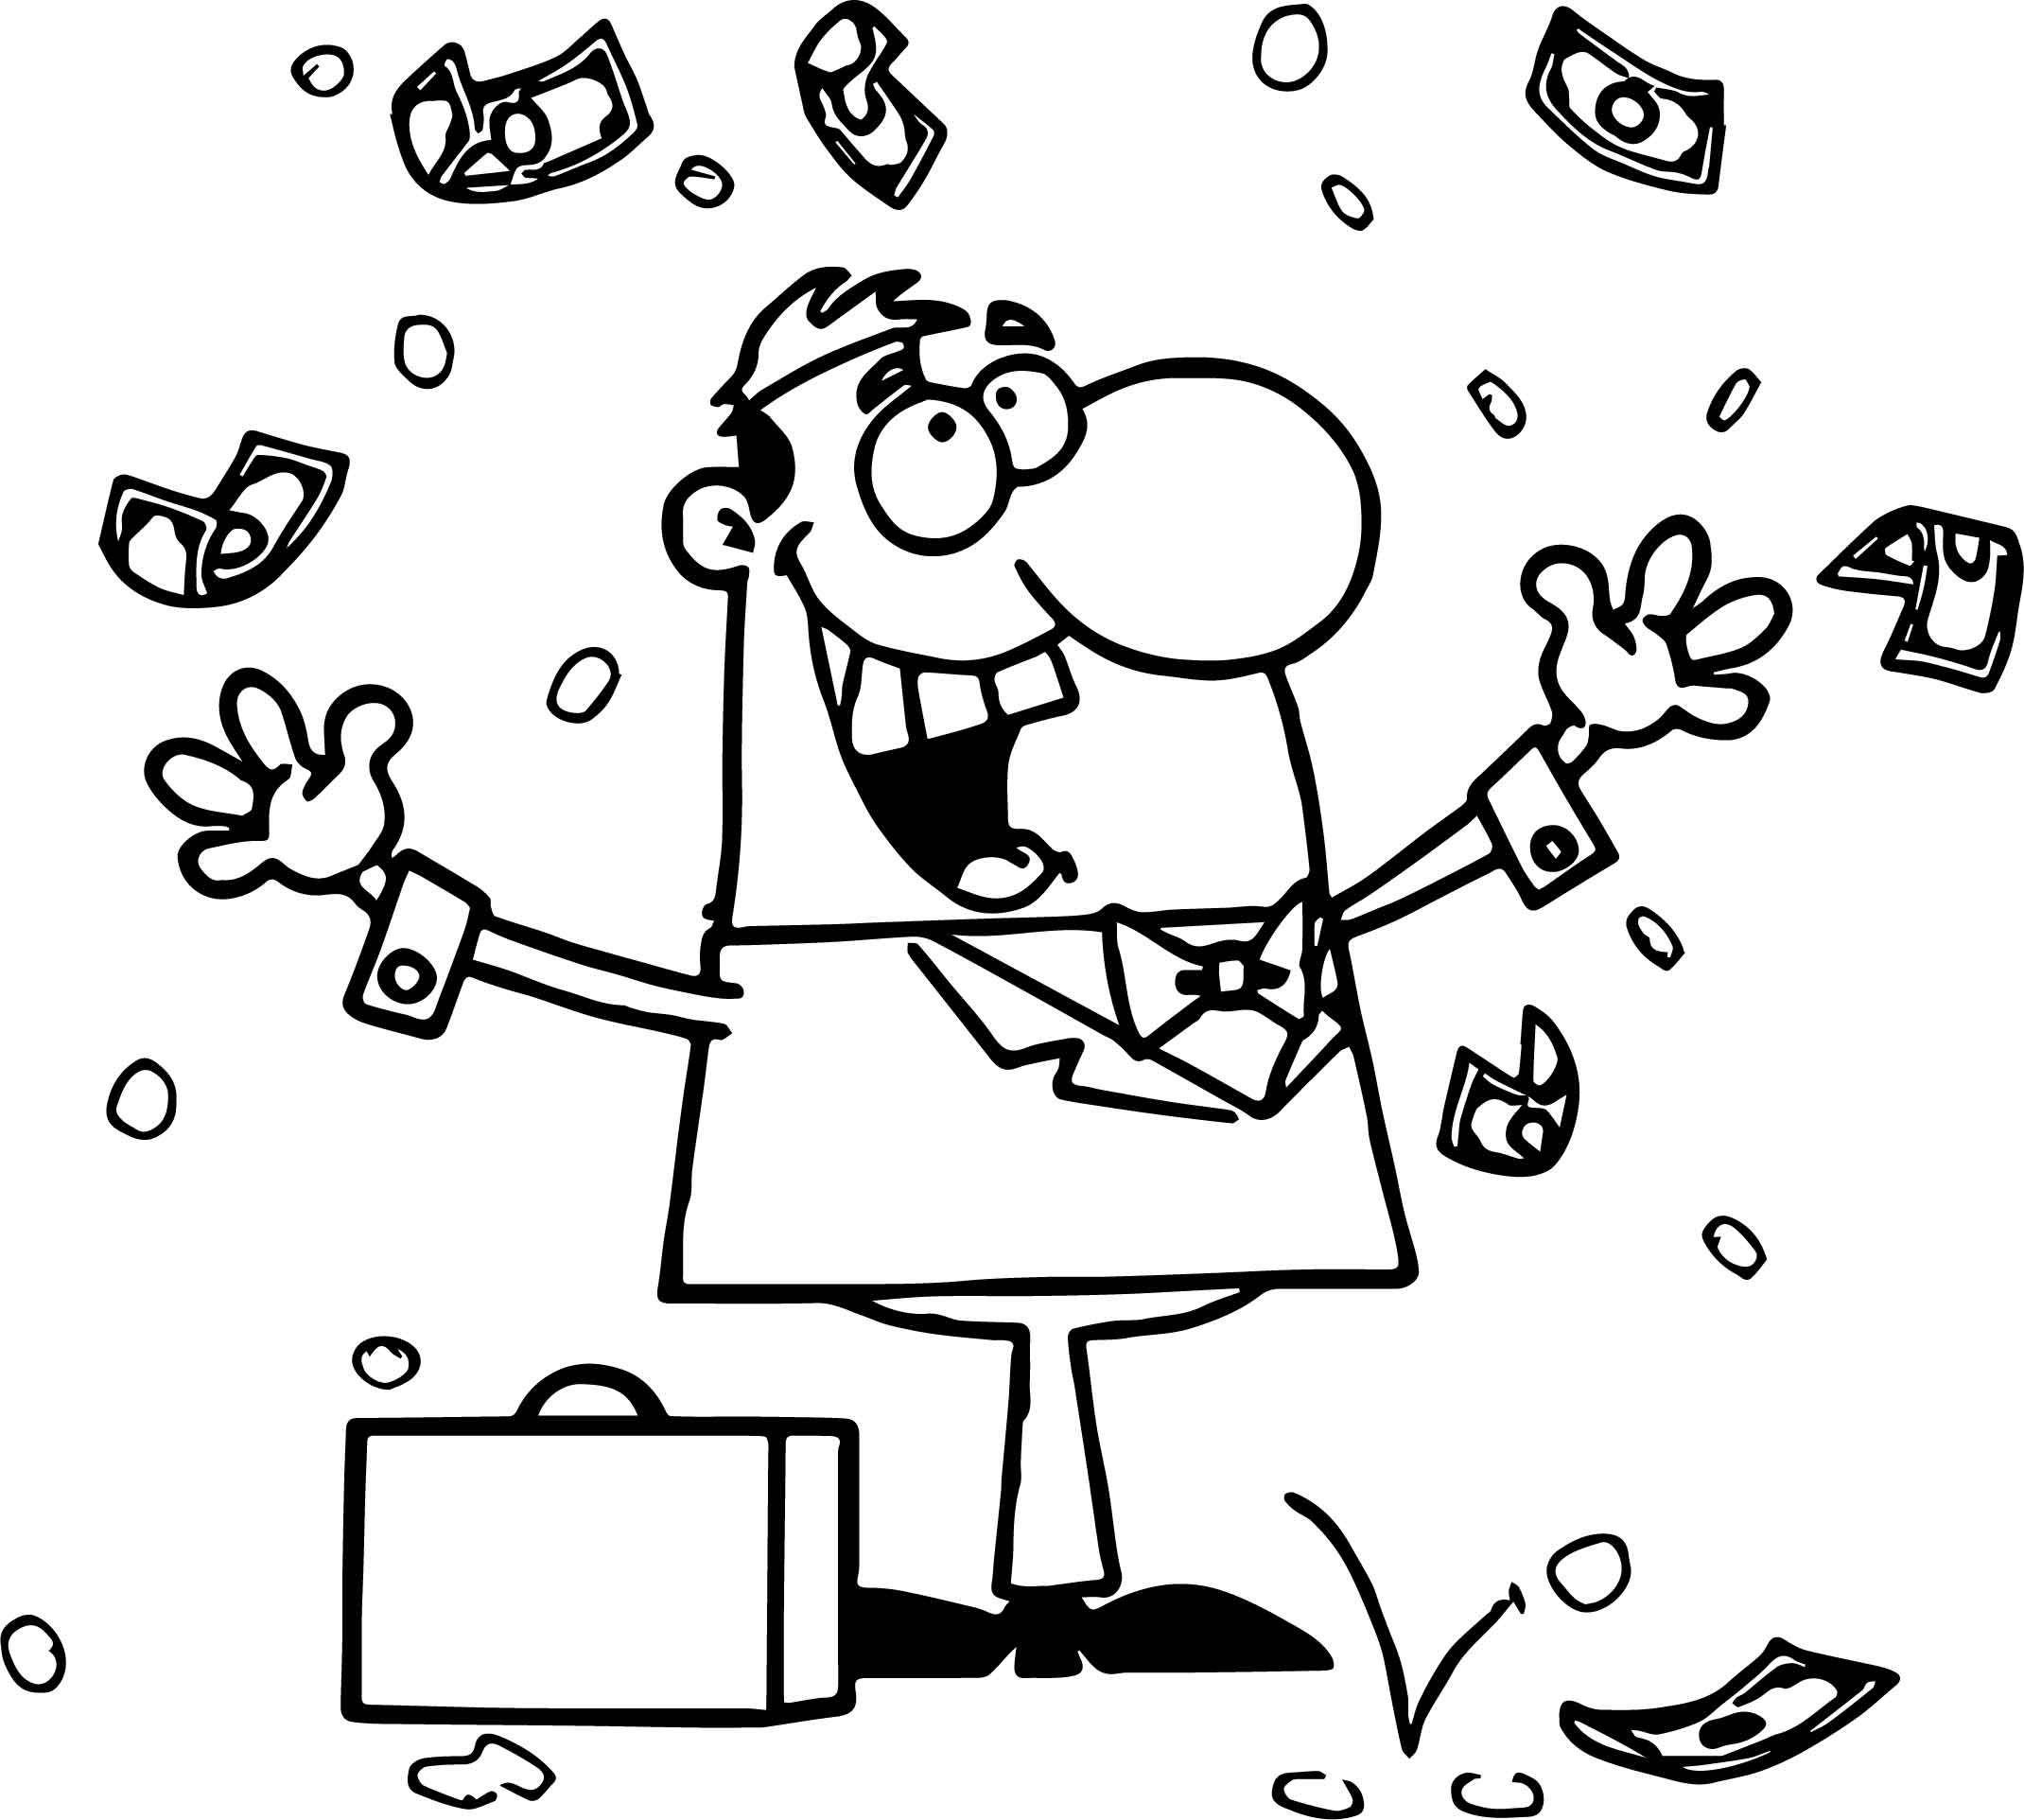 Dibujos De Hombre De Negocios Con Dinero Para Colorear